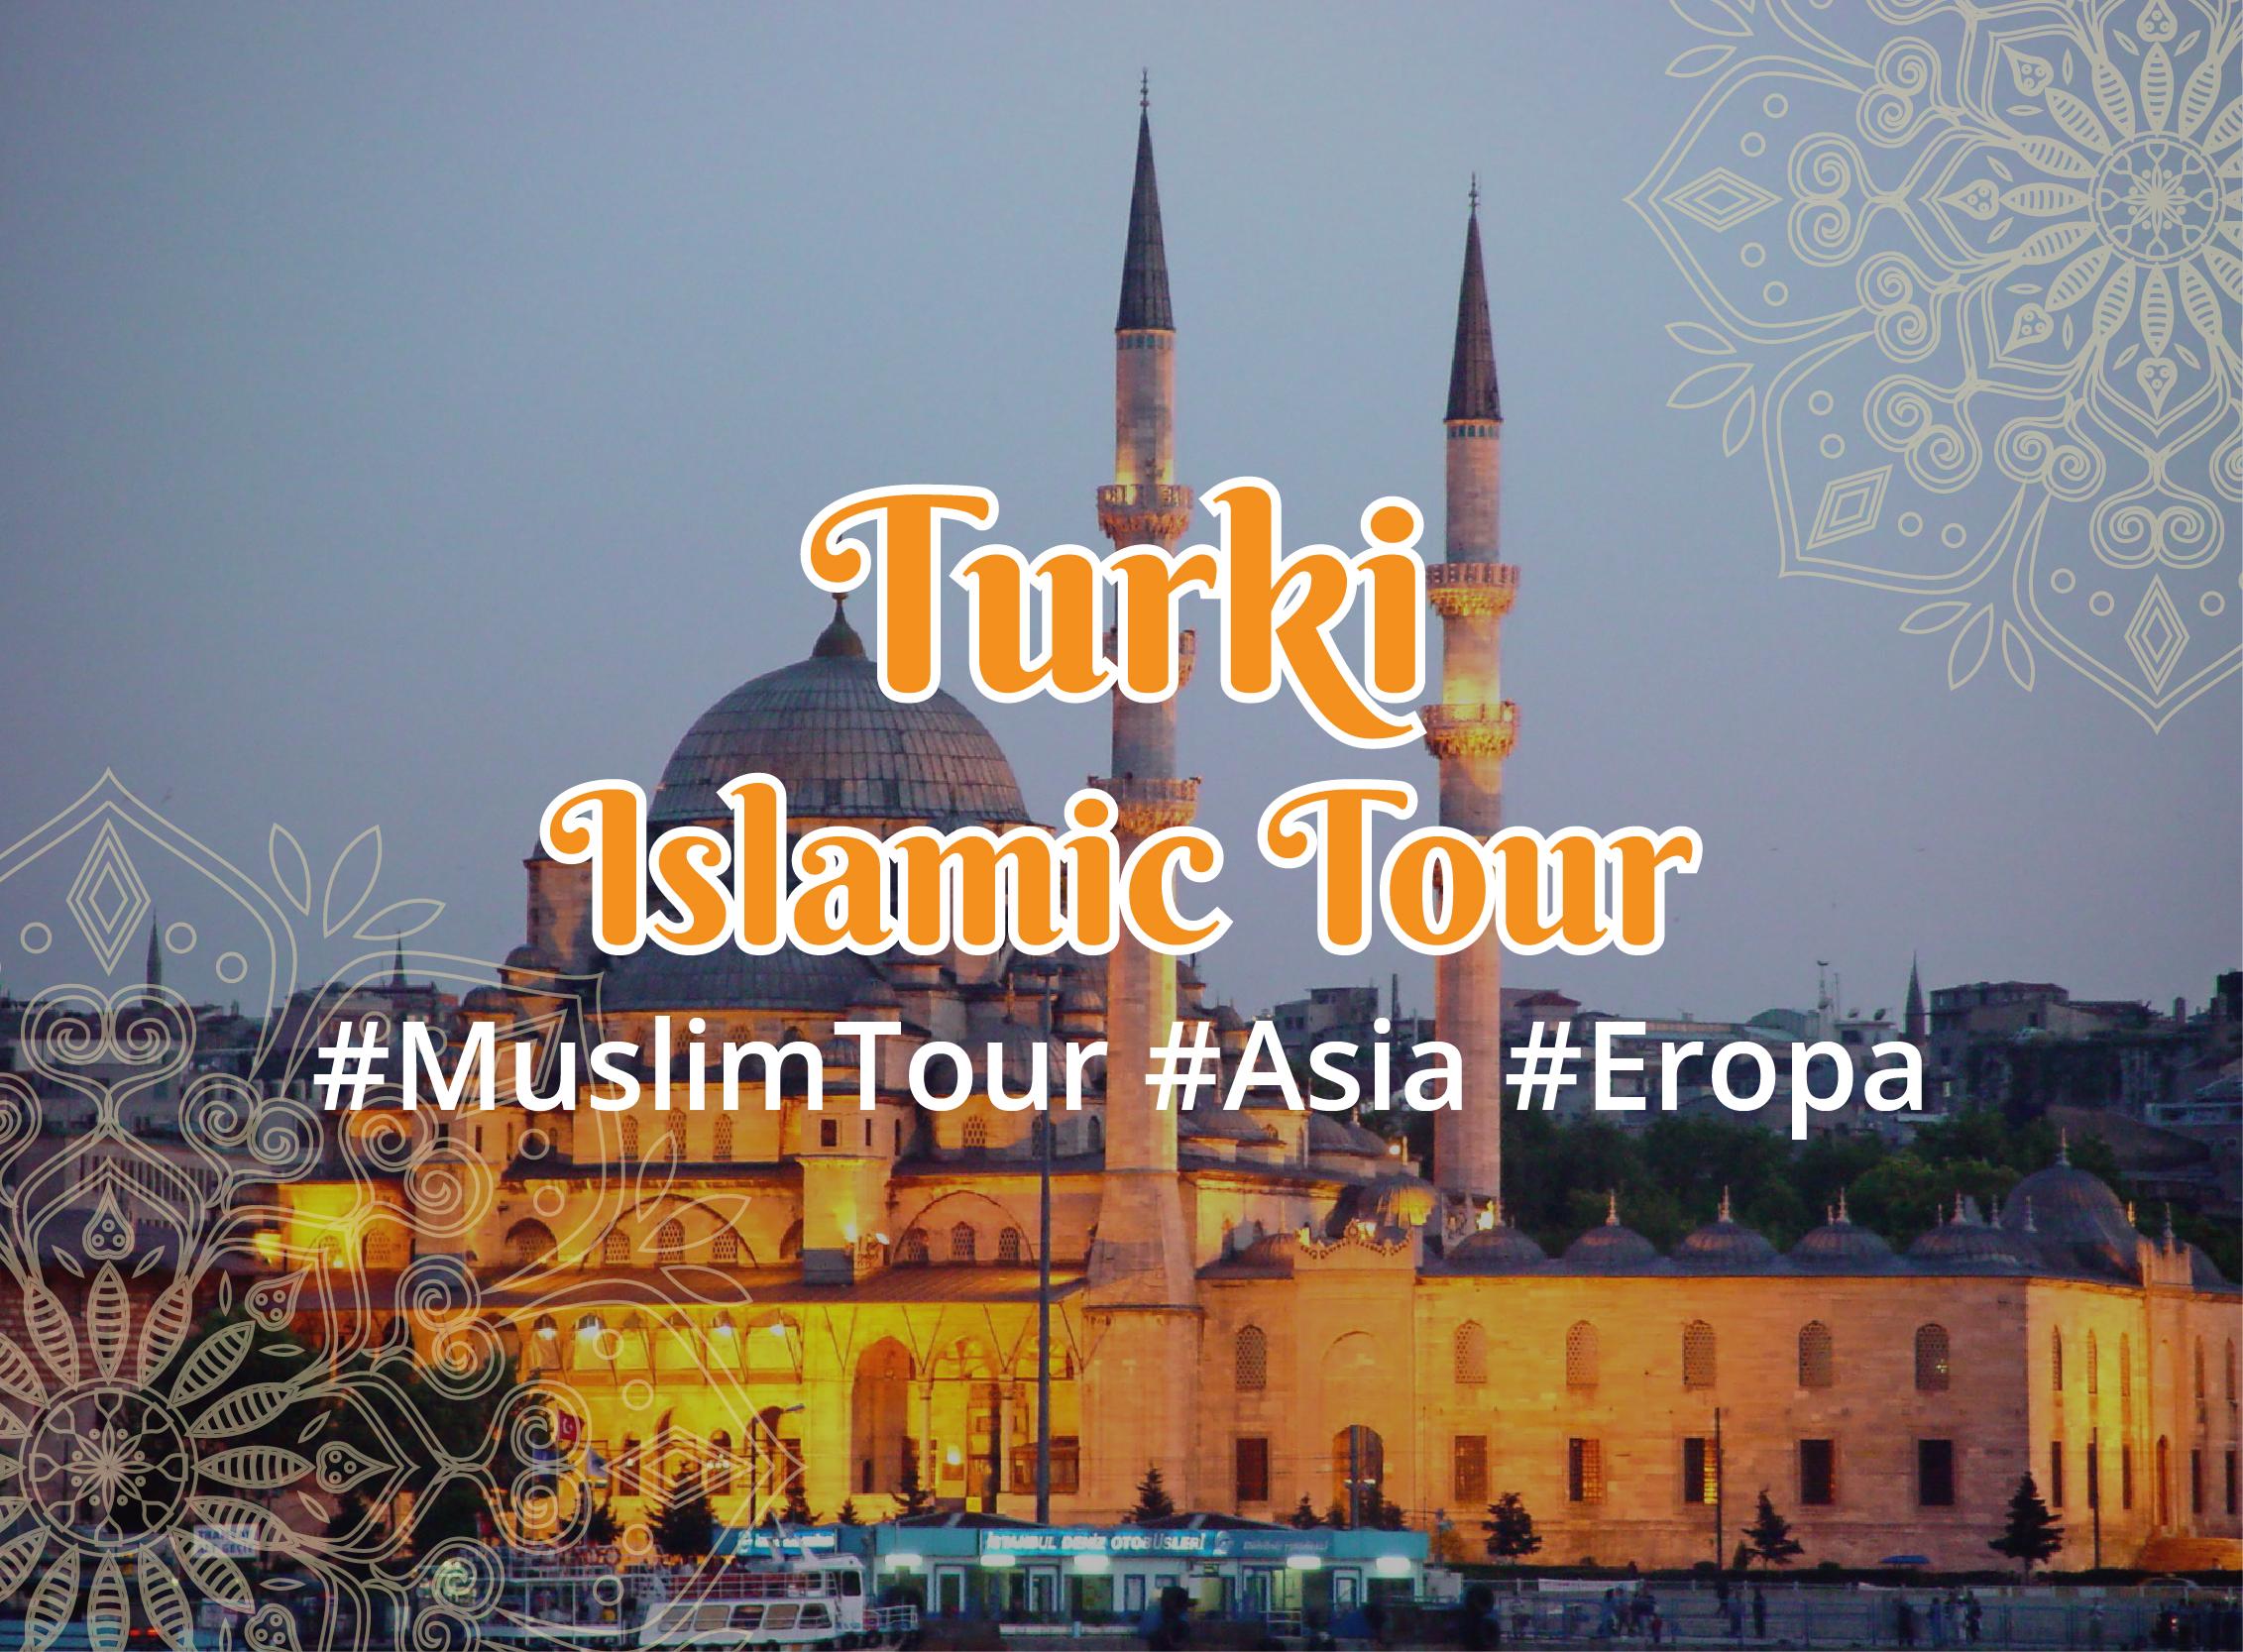 Turki Islamic tour (Okt-5D4N)